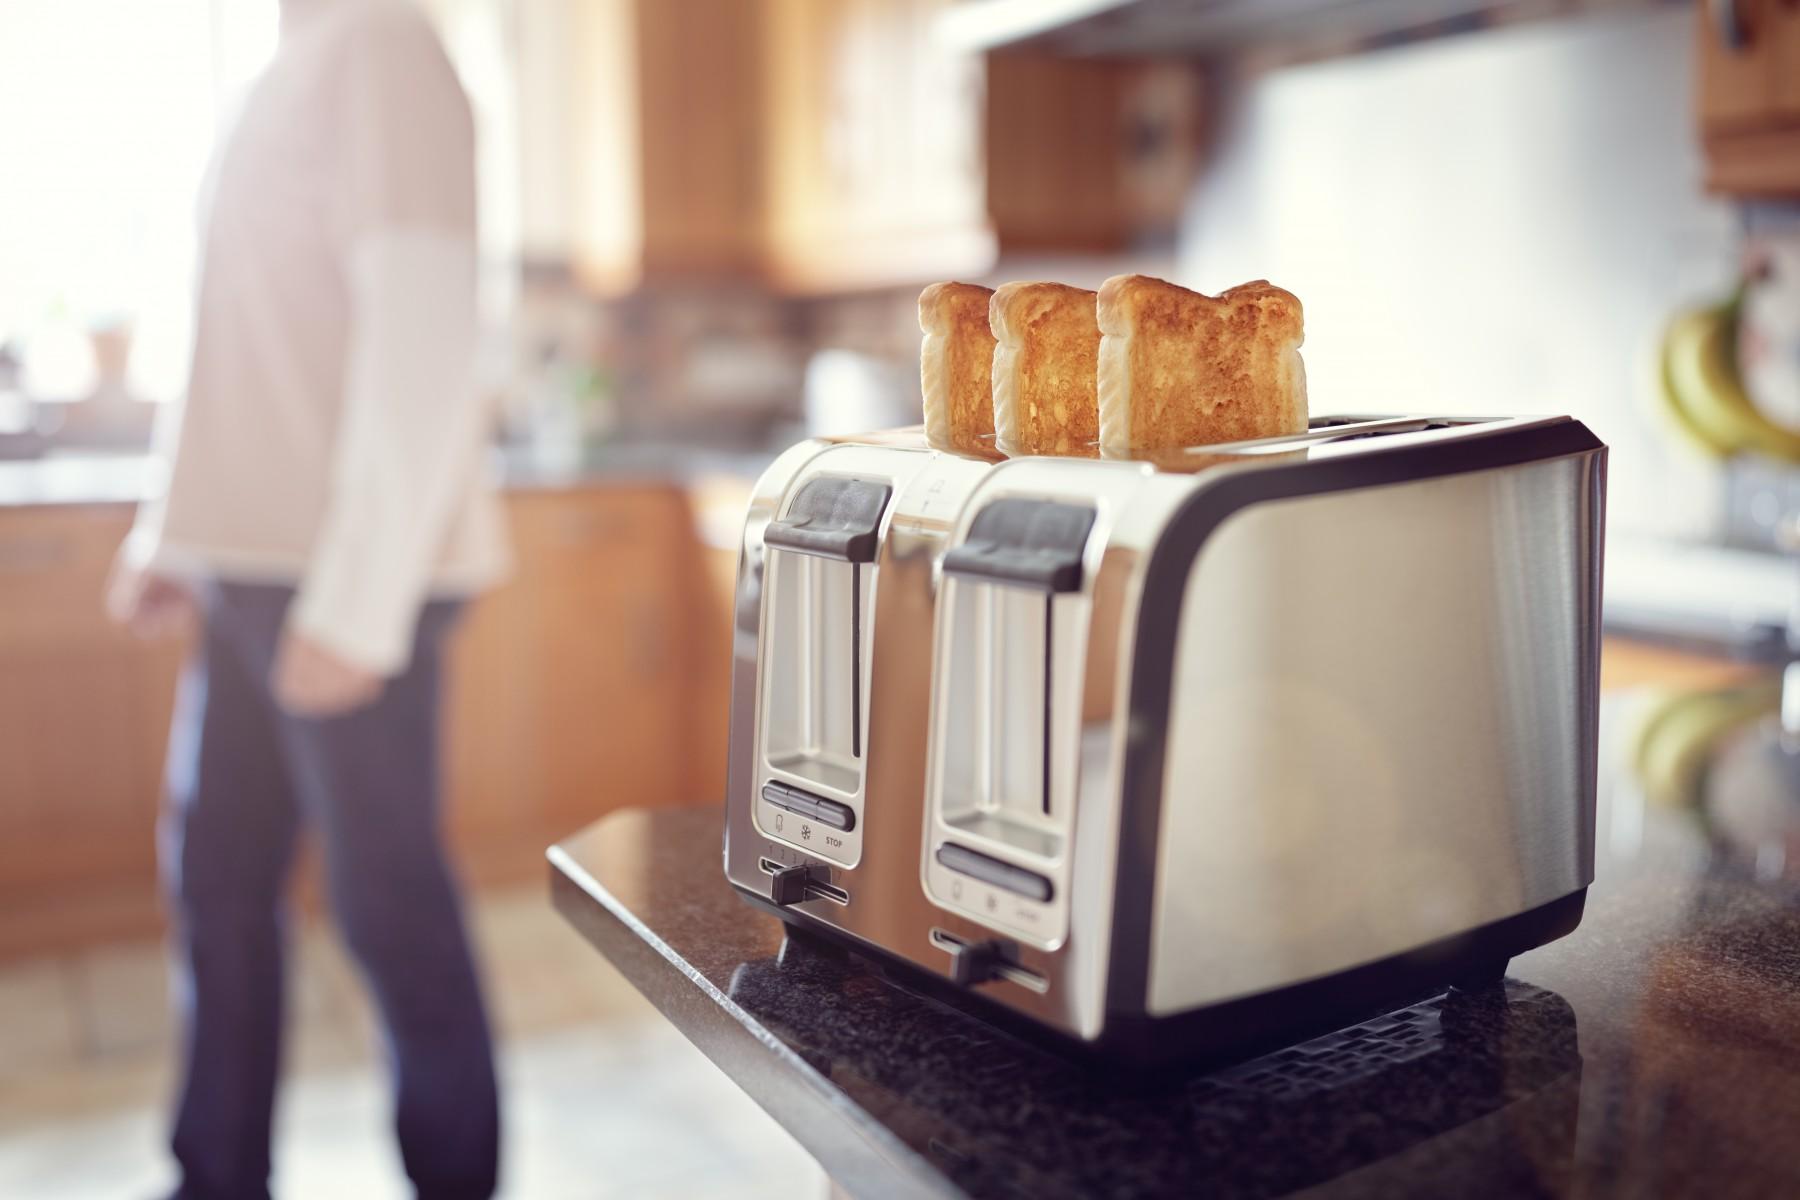 malfunctioning appliances - Tim Kyle